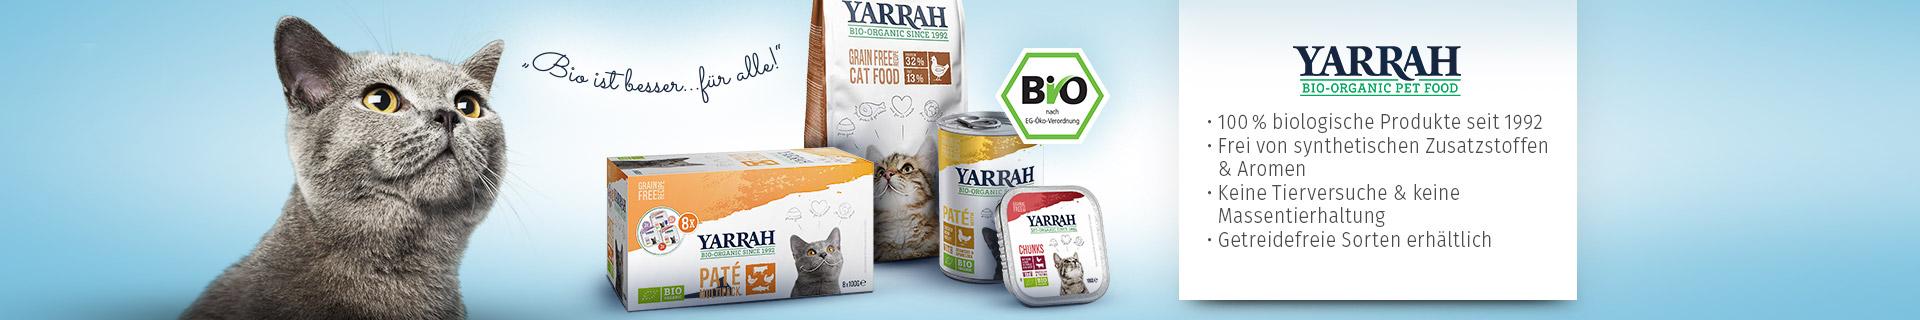 Yarrah Markenshopbanner für Katze